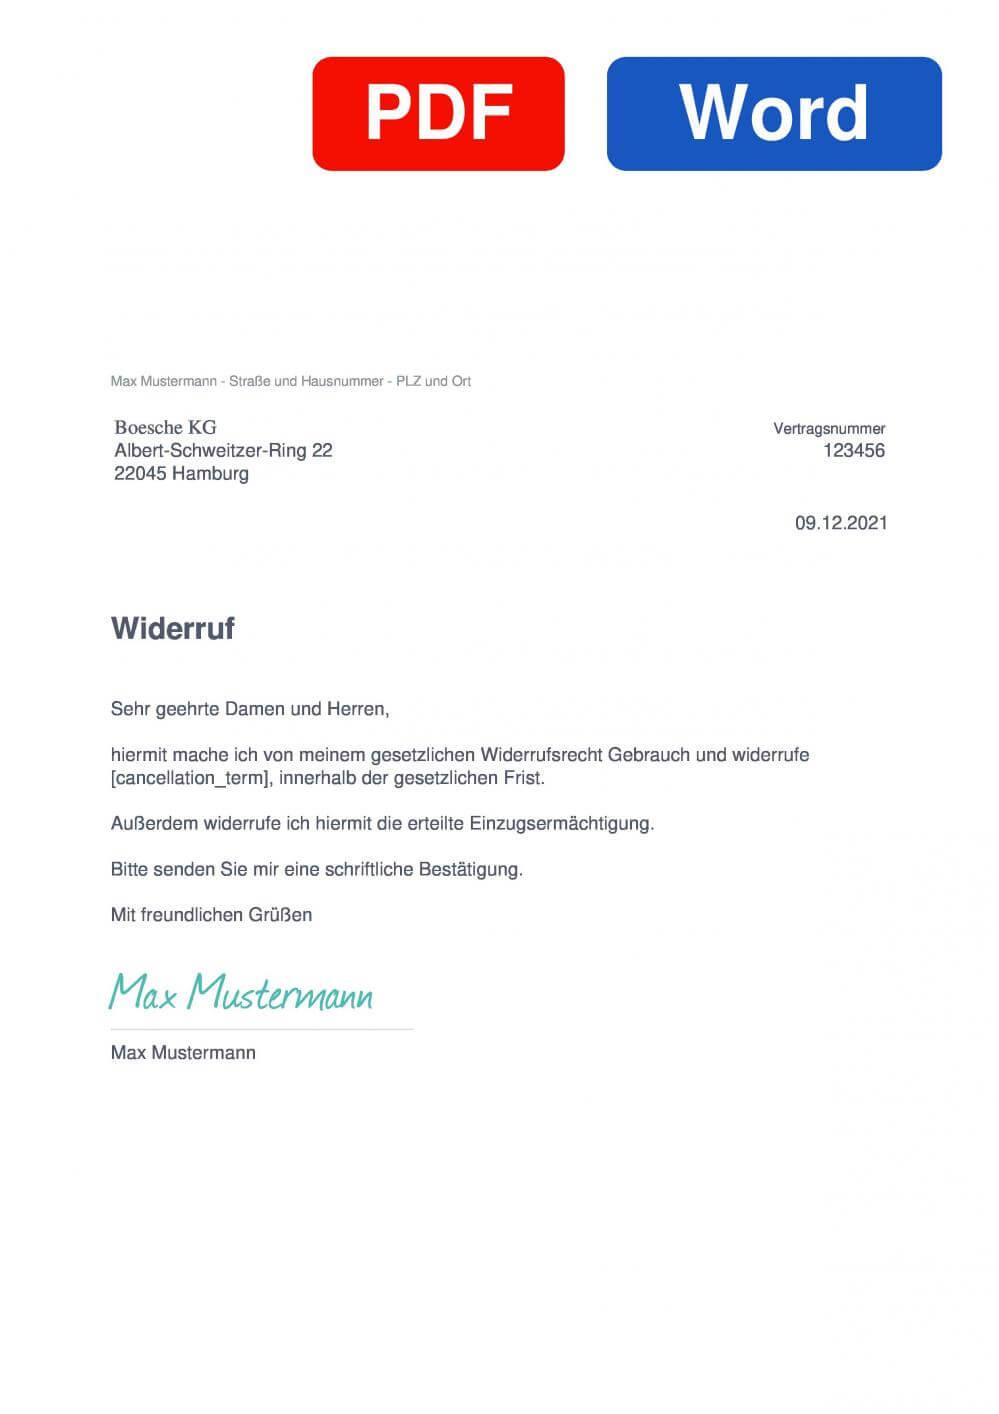 NKL Boesche Muster Vorlage für Wiederrufsschreiben